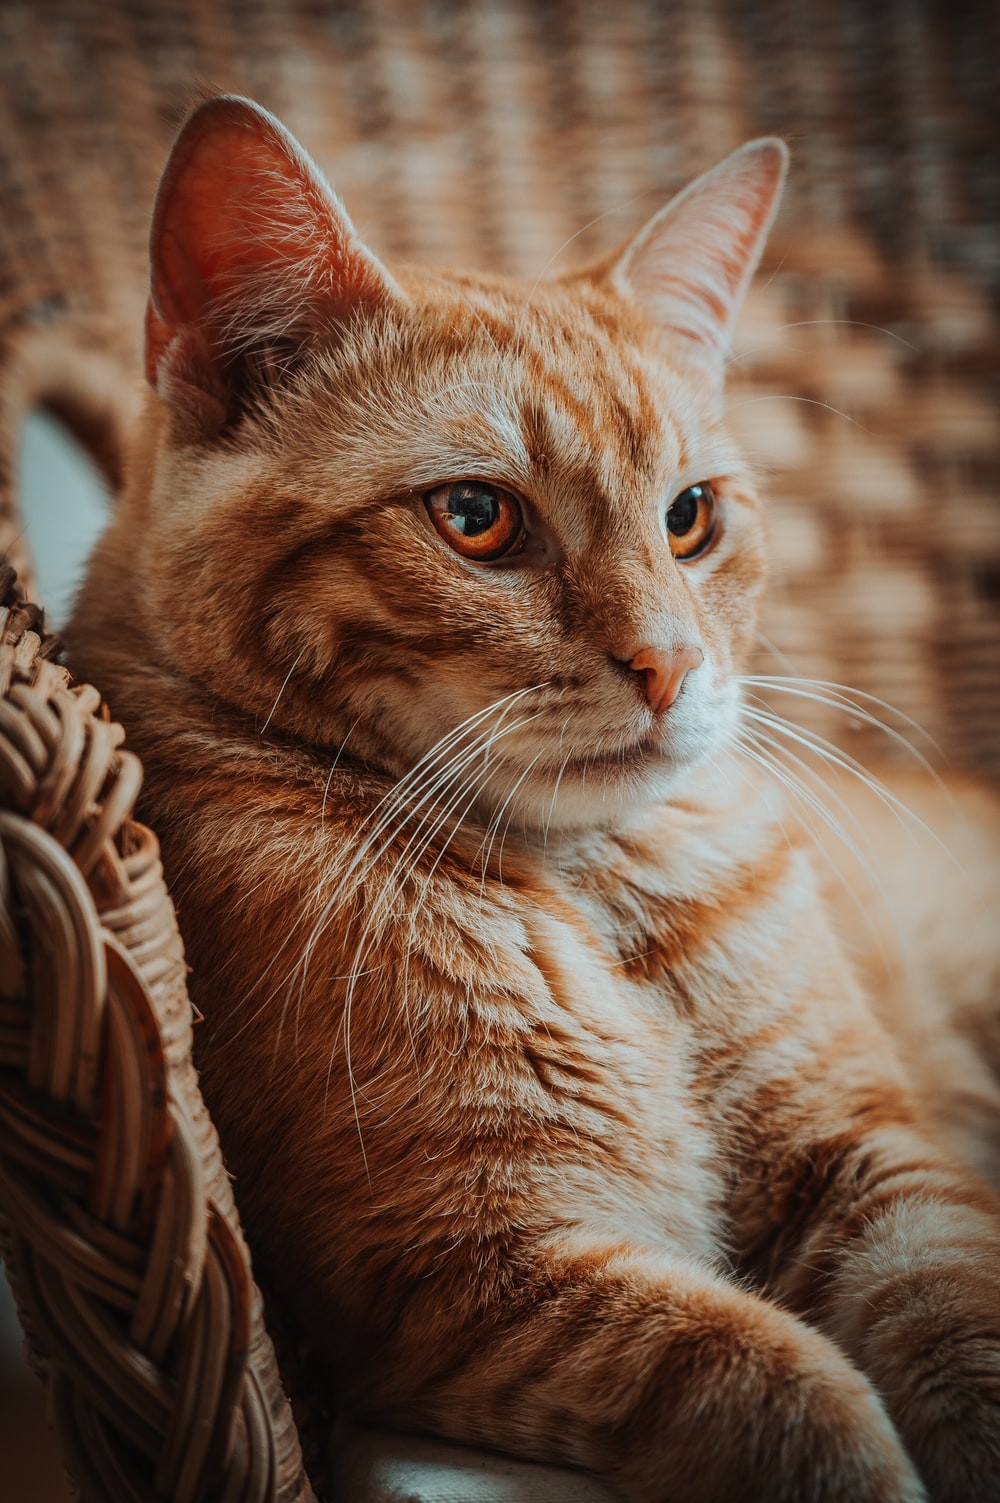 orange tabby cat in brown wicker basket